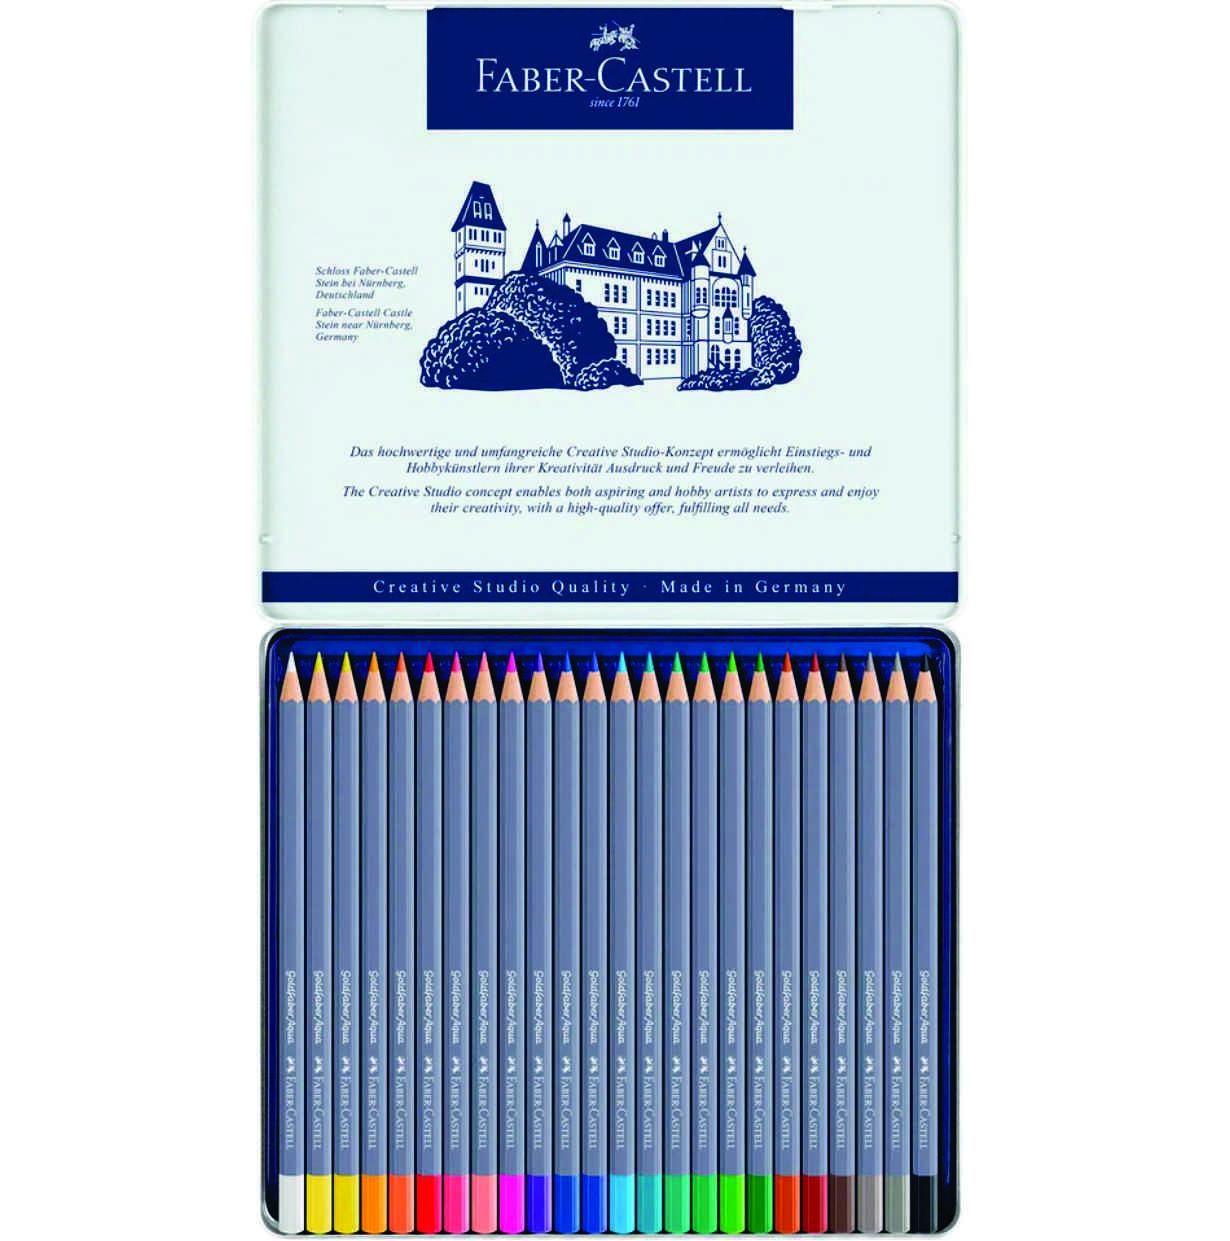 Lápis Aquarelavel Goldfaber Aqua Faber-Castell Estojo Metálico com 24 cores - Ref 114624